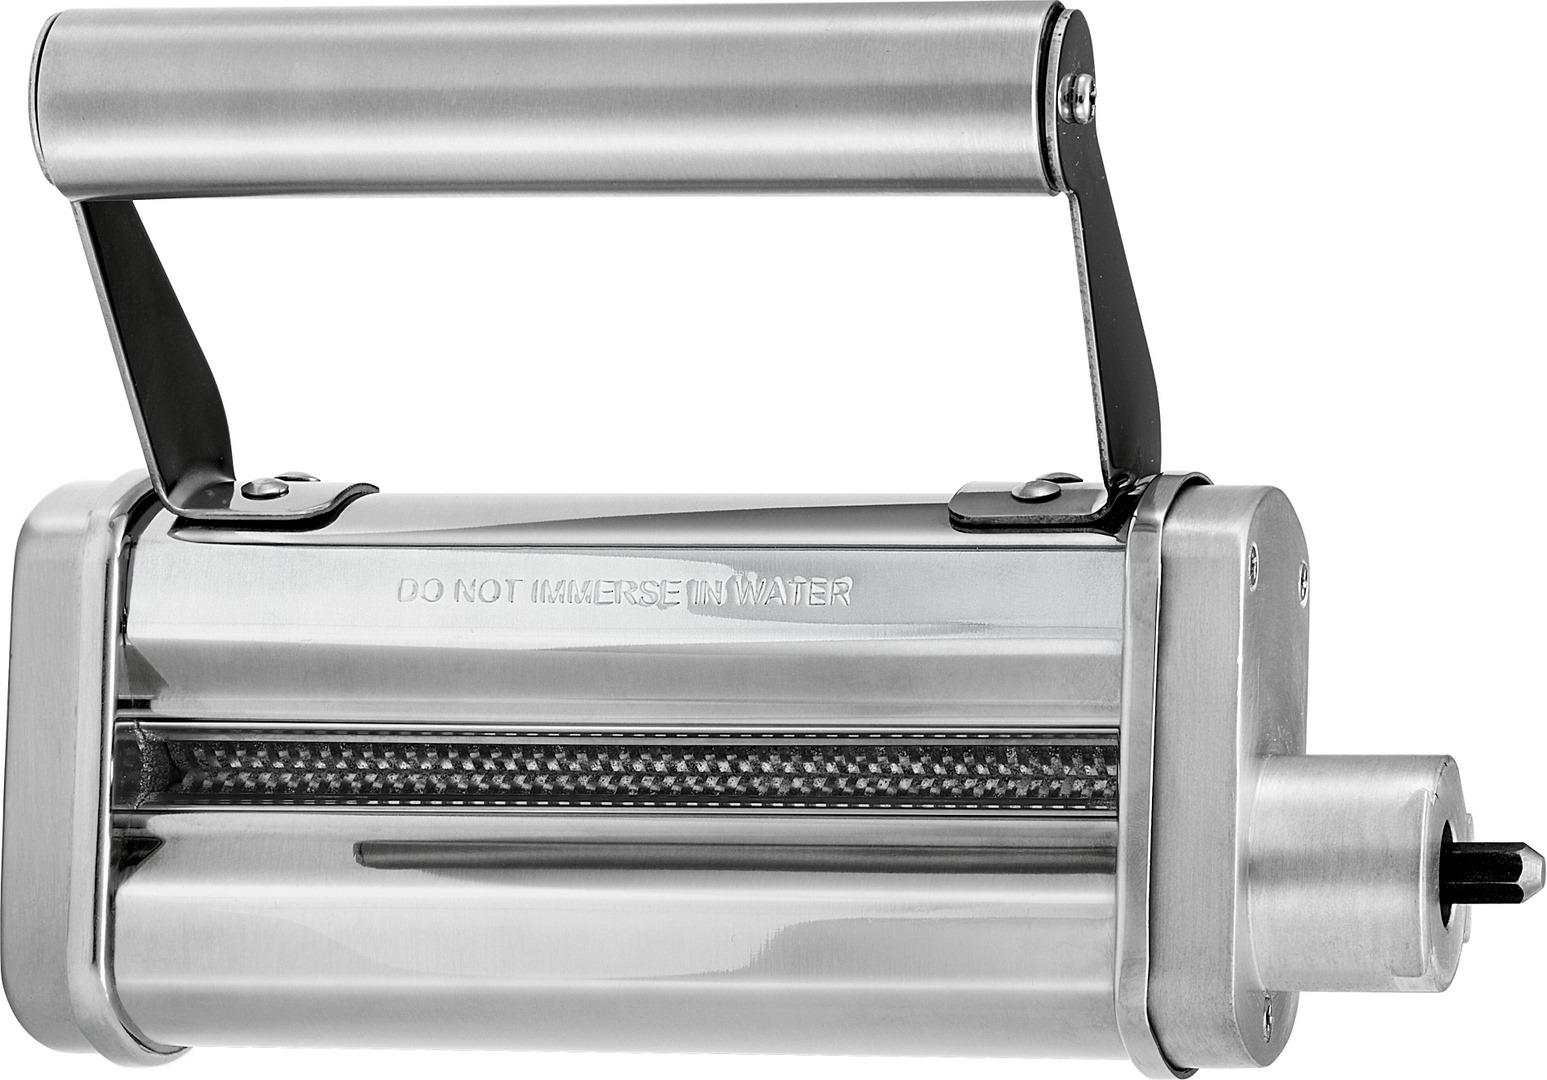 WMF Strojek na špagety ke kuchyňskému robotu